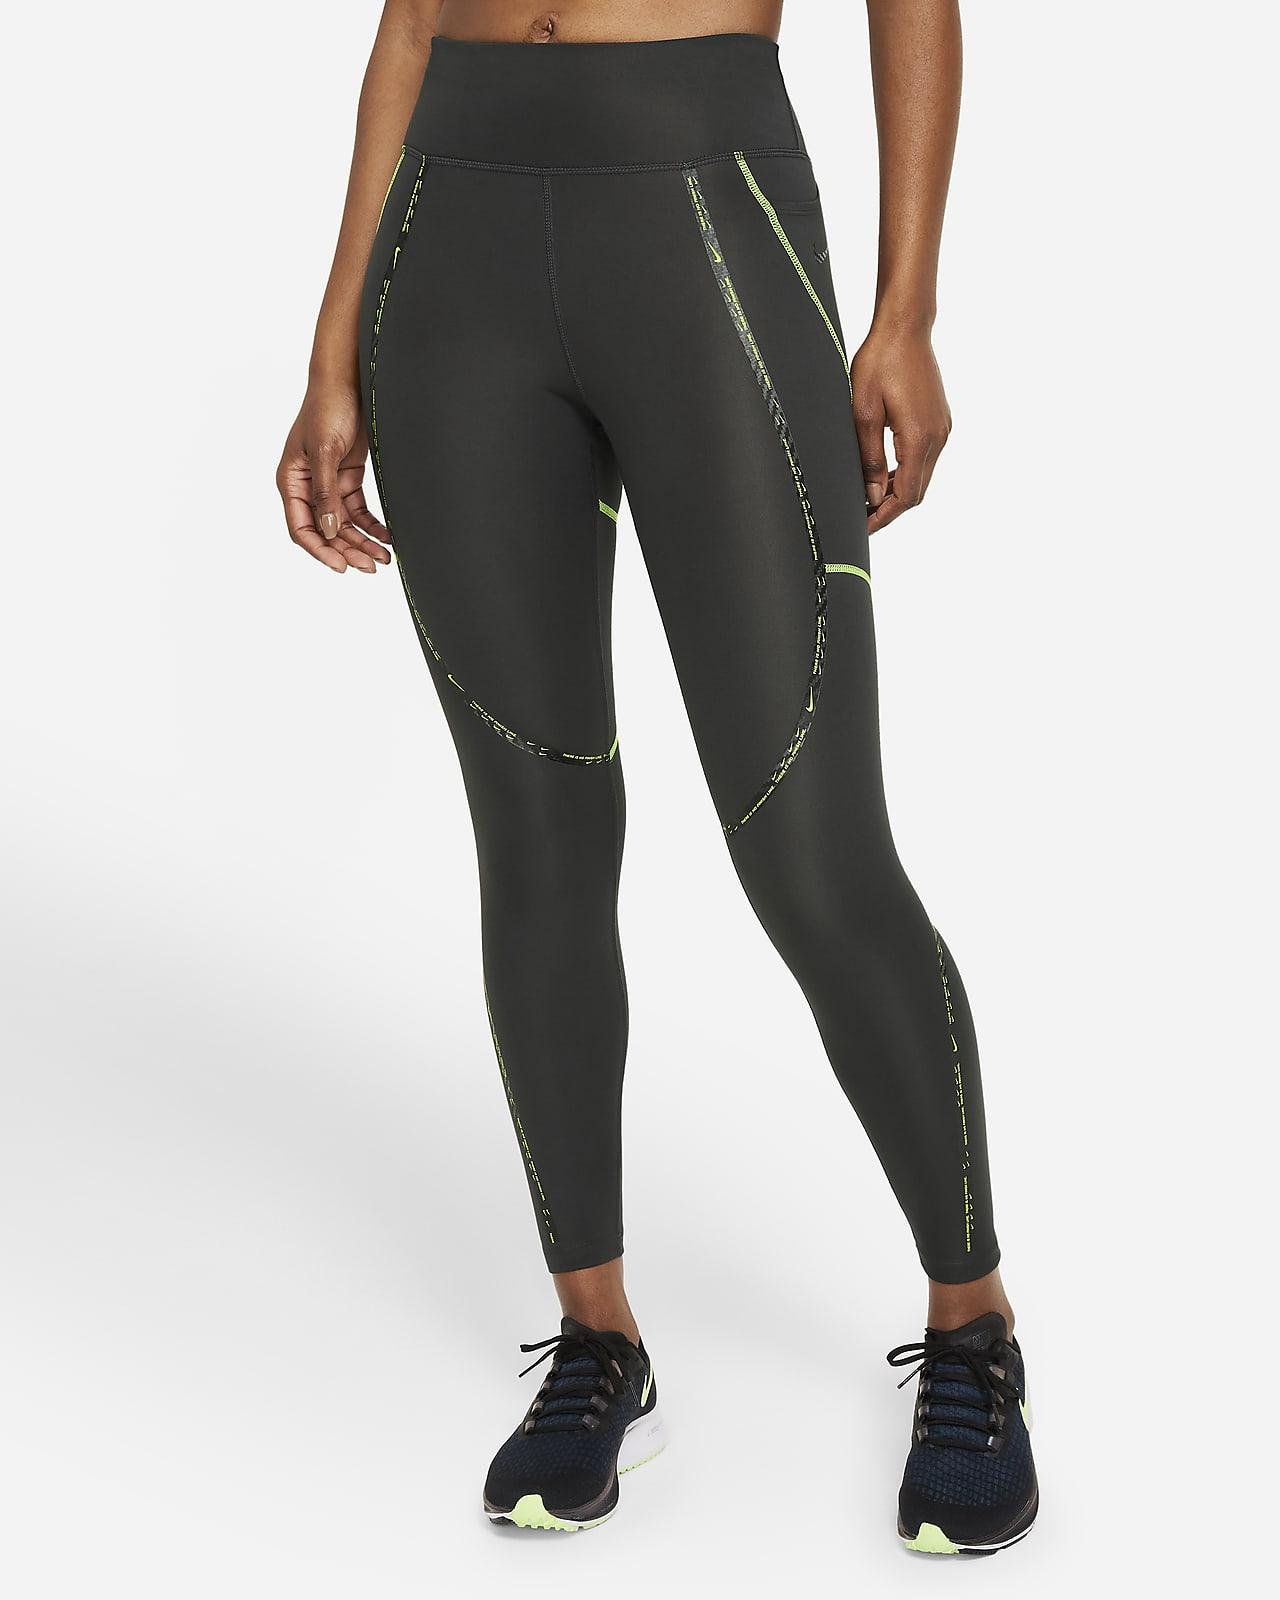 Dámské 7/8 běžecké legíny Nike Epic Faster sestředně vysokým pasem apáskami